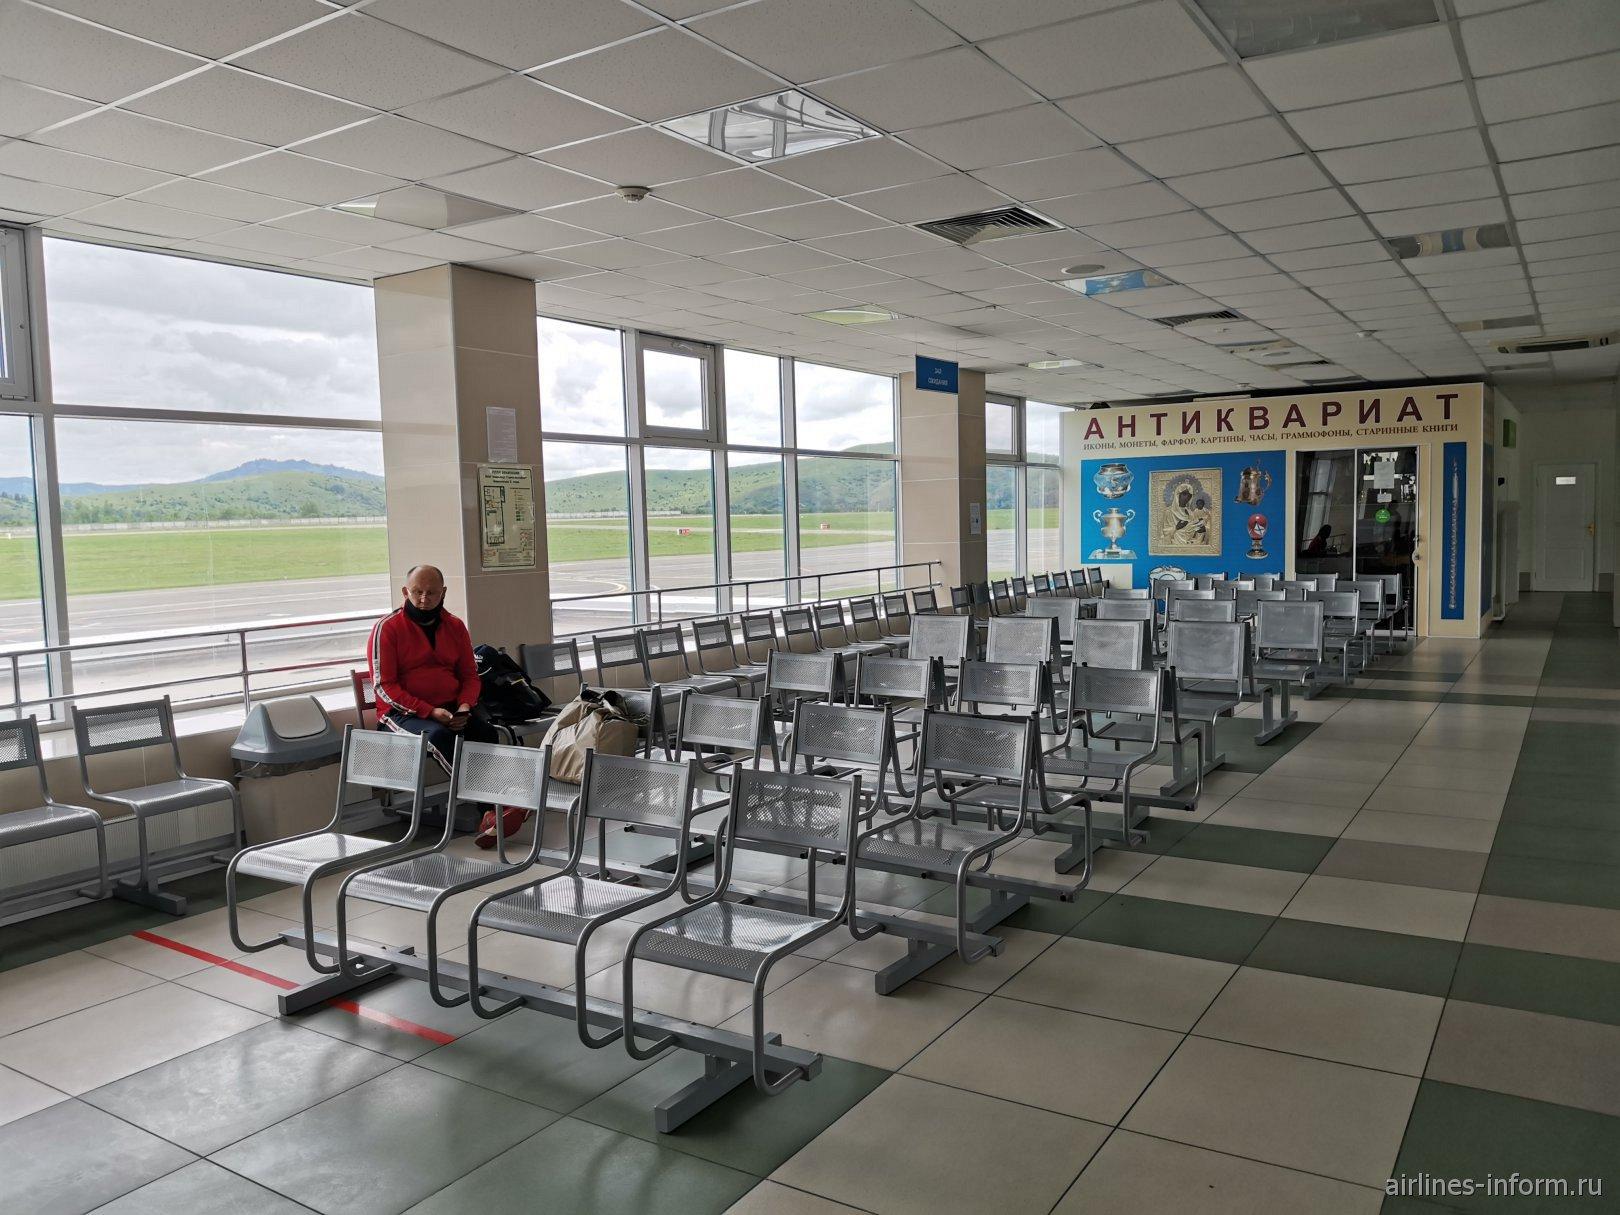 Зал ожидания в аэропорту Горно-Алтайск